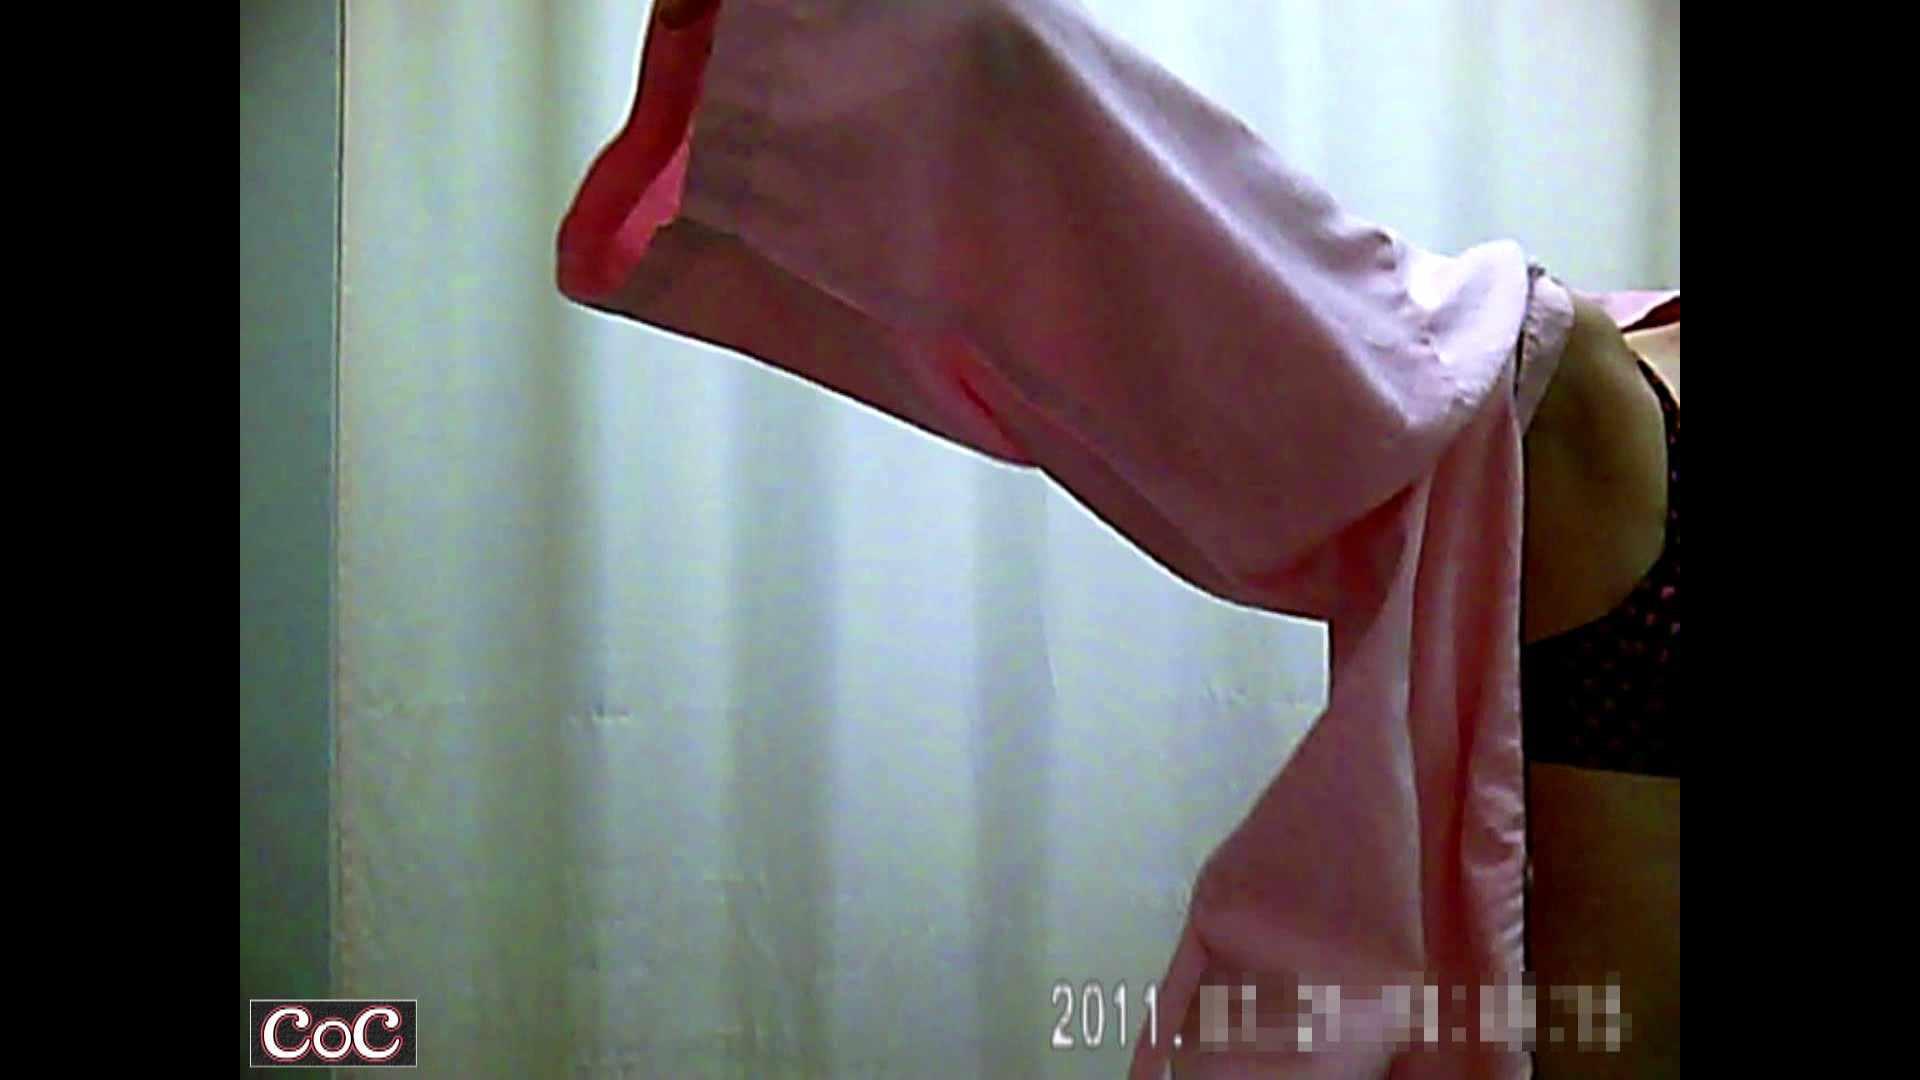 病院おもいっきり着替え! vol.04 巨乳 AV動画キャプチャ 84pic 81